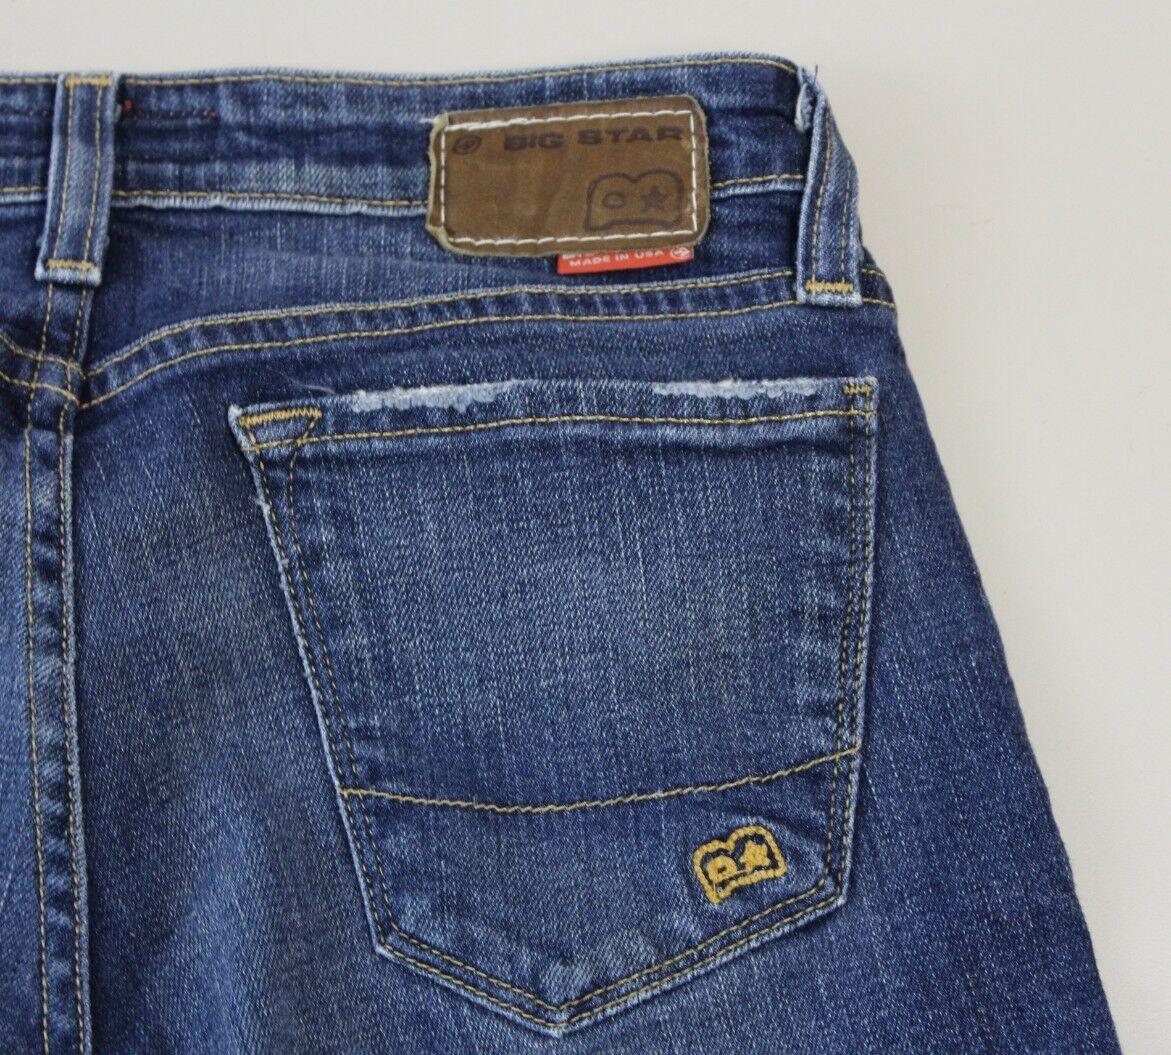 BIG STAR Women's 27R Boot Cut Jeans 27X32